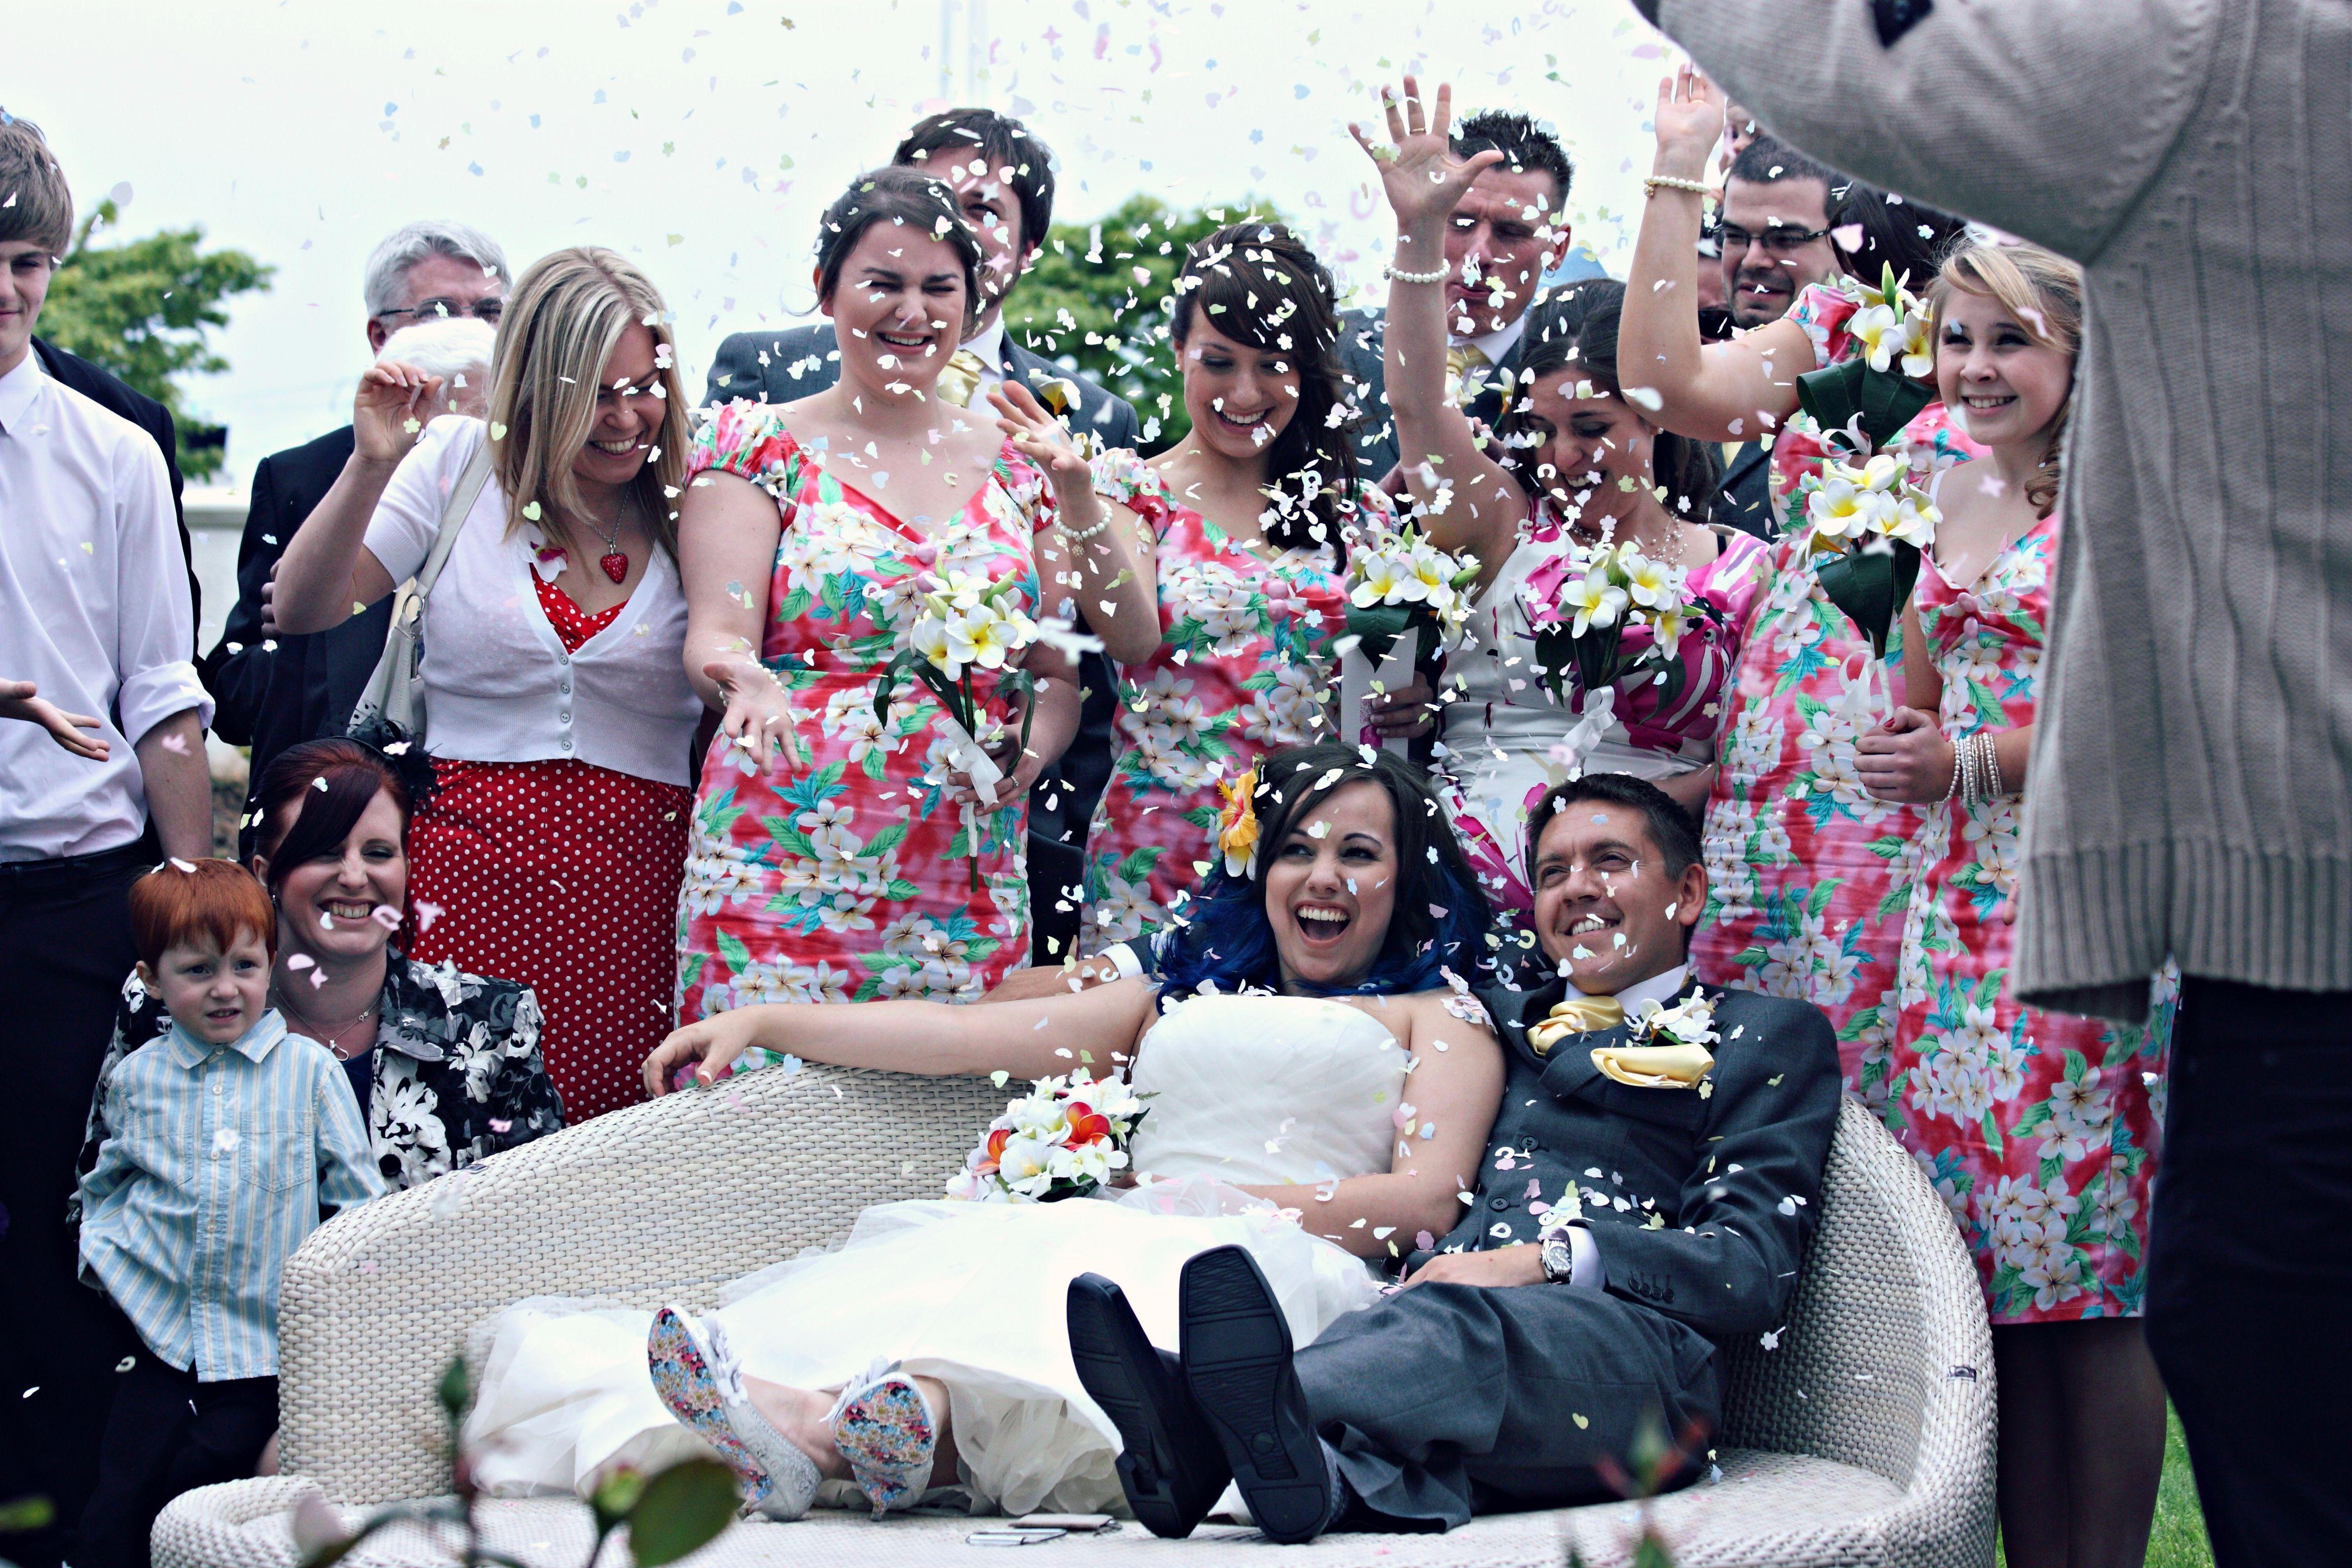 Confetti Bombing Zoo wedding, Full wedding, Diy wedding